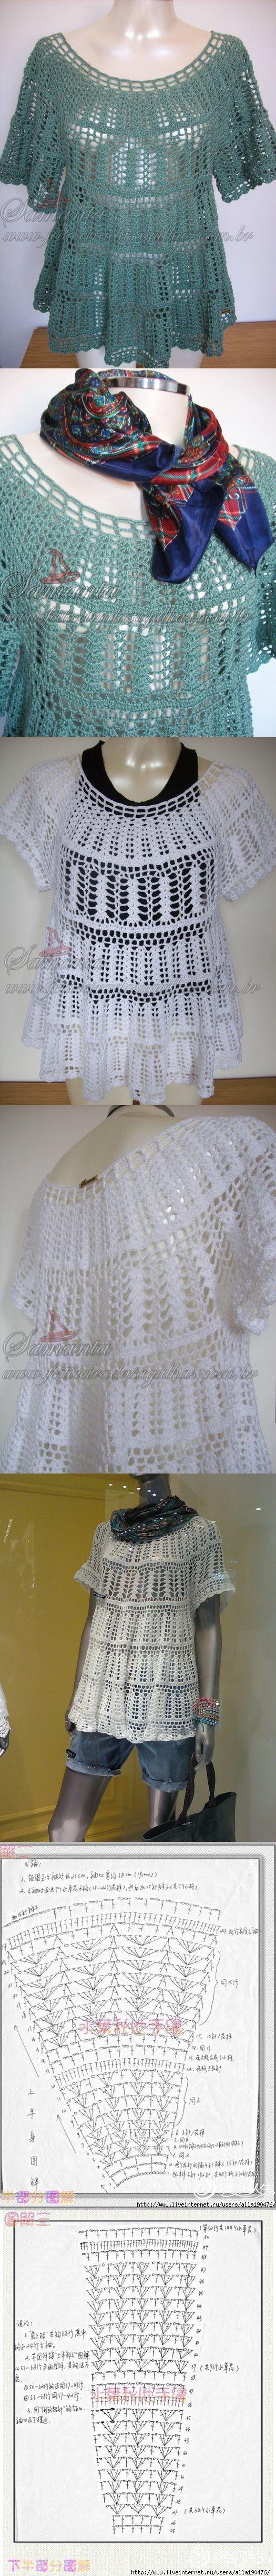 Crochet beleza delicada. Túnica. Esquemas